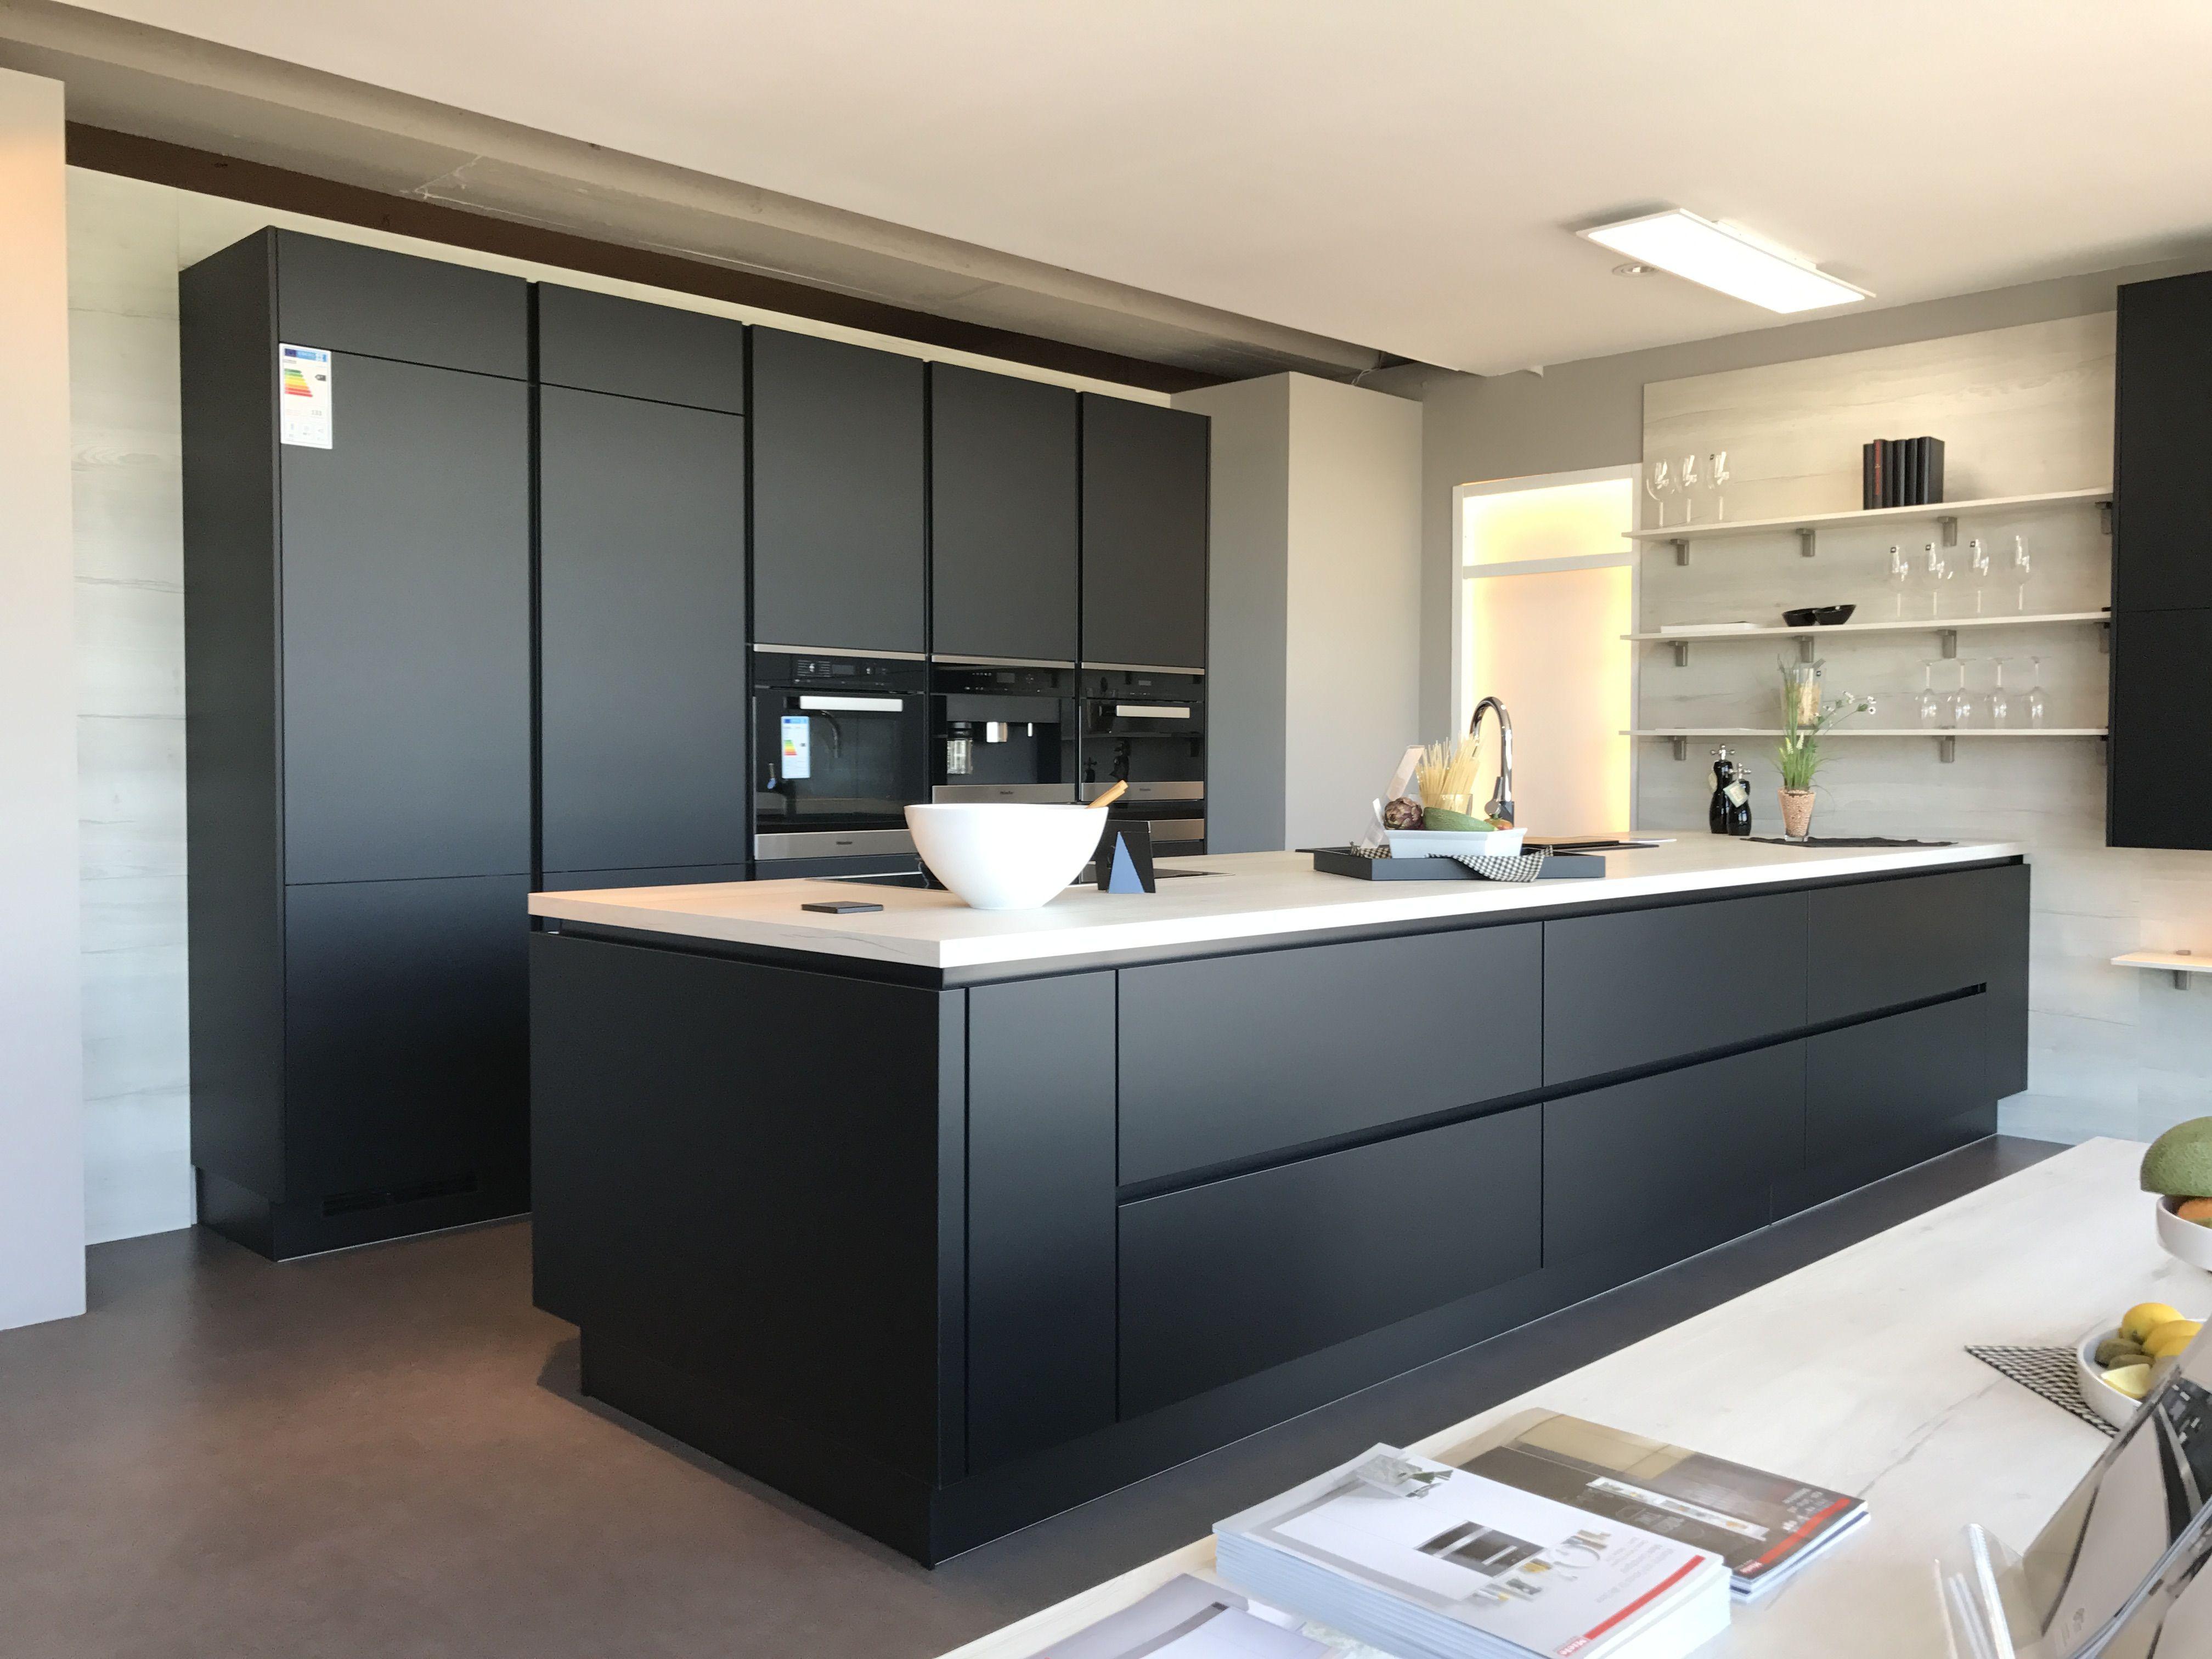 plan de travail nobilia en u with plan de travail nobilia trendy la cuisine qui vous va with. Black Bedroom Furniture Sets. Home Design Ideas